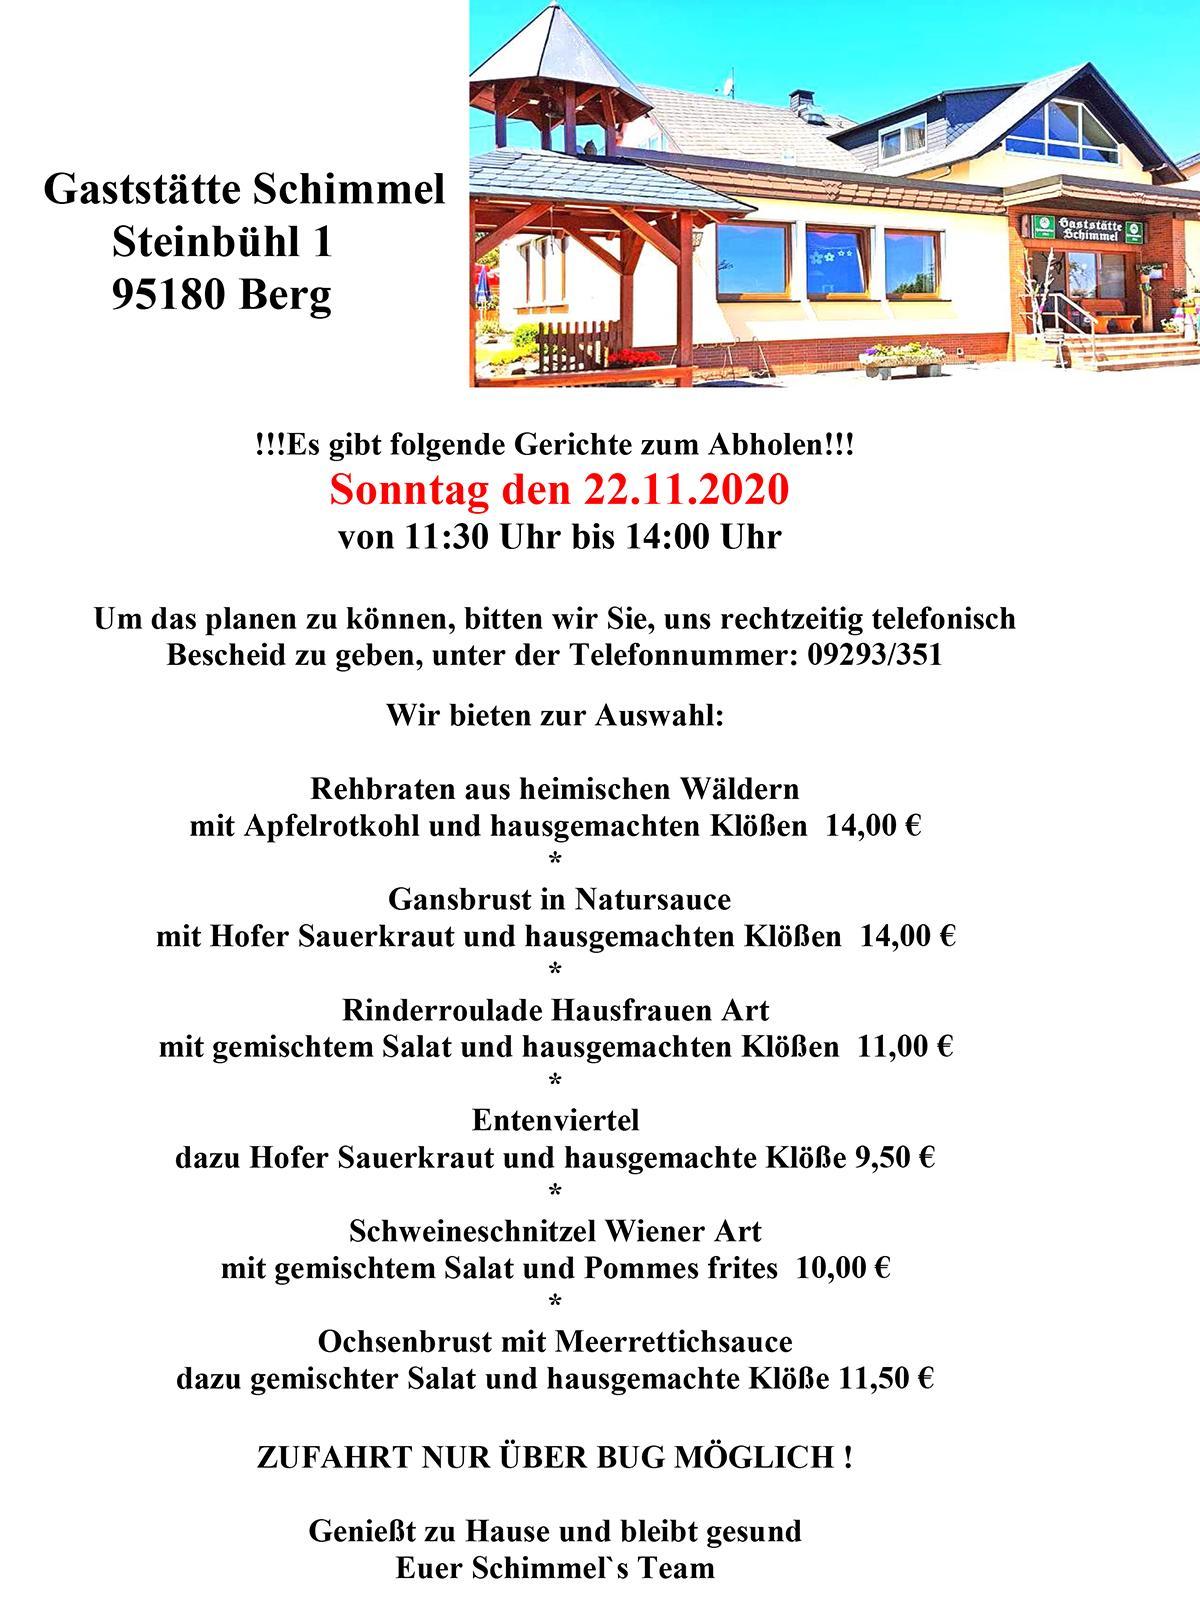 GaststätteSchimmel Abholservise_22-11-2020